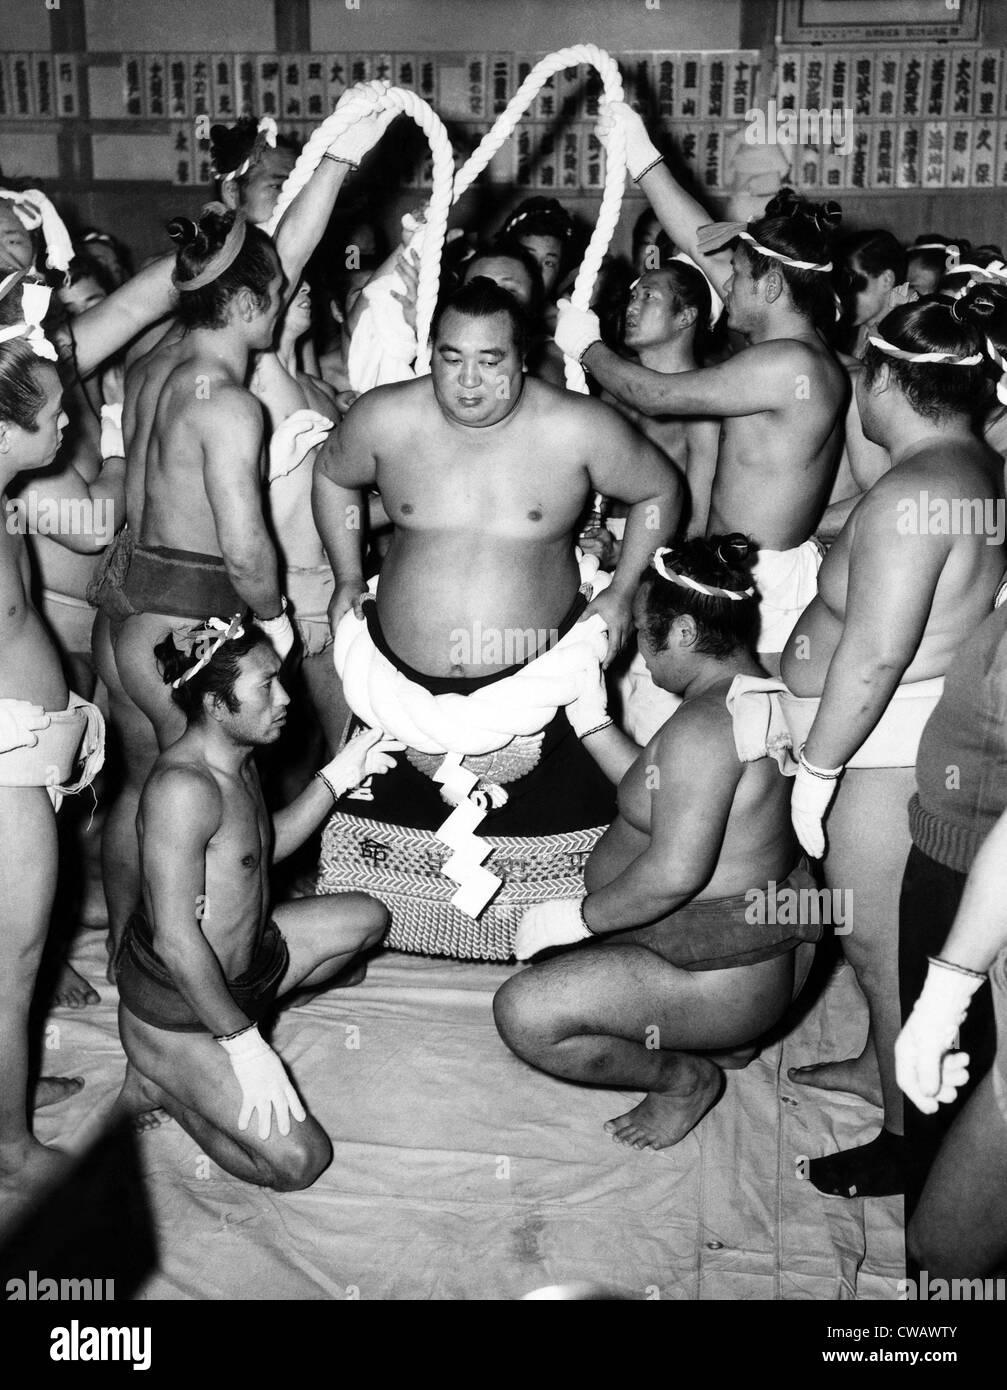 Les lutteurs de sumo au Japon. ca 1950. Avec la permission de: Archives CSU/Everett Collection. Photo Stock